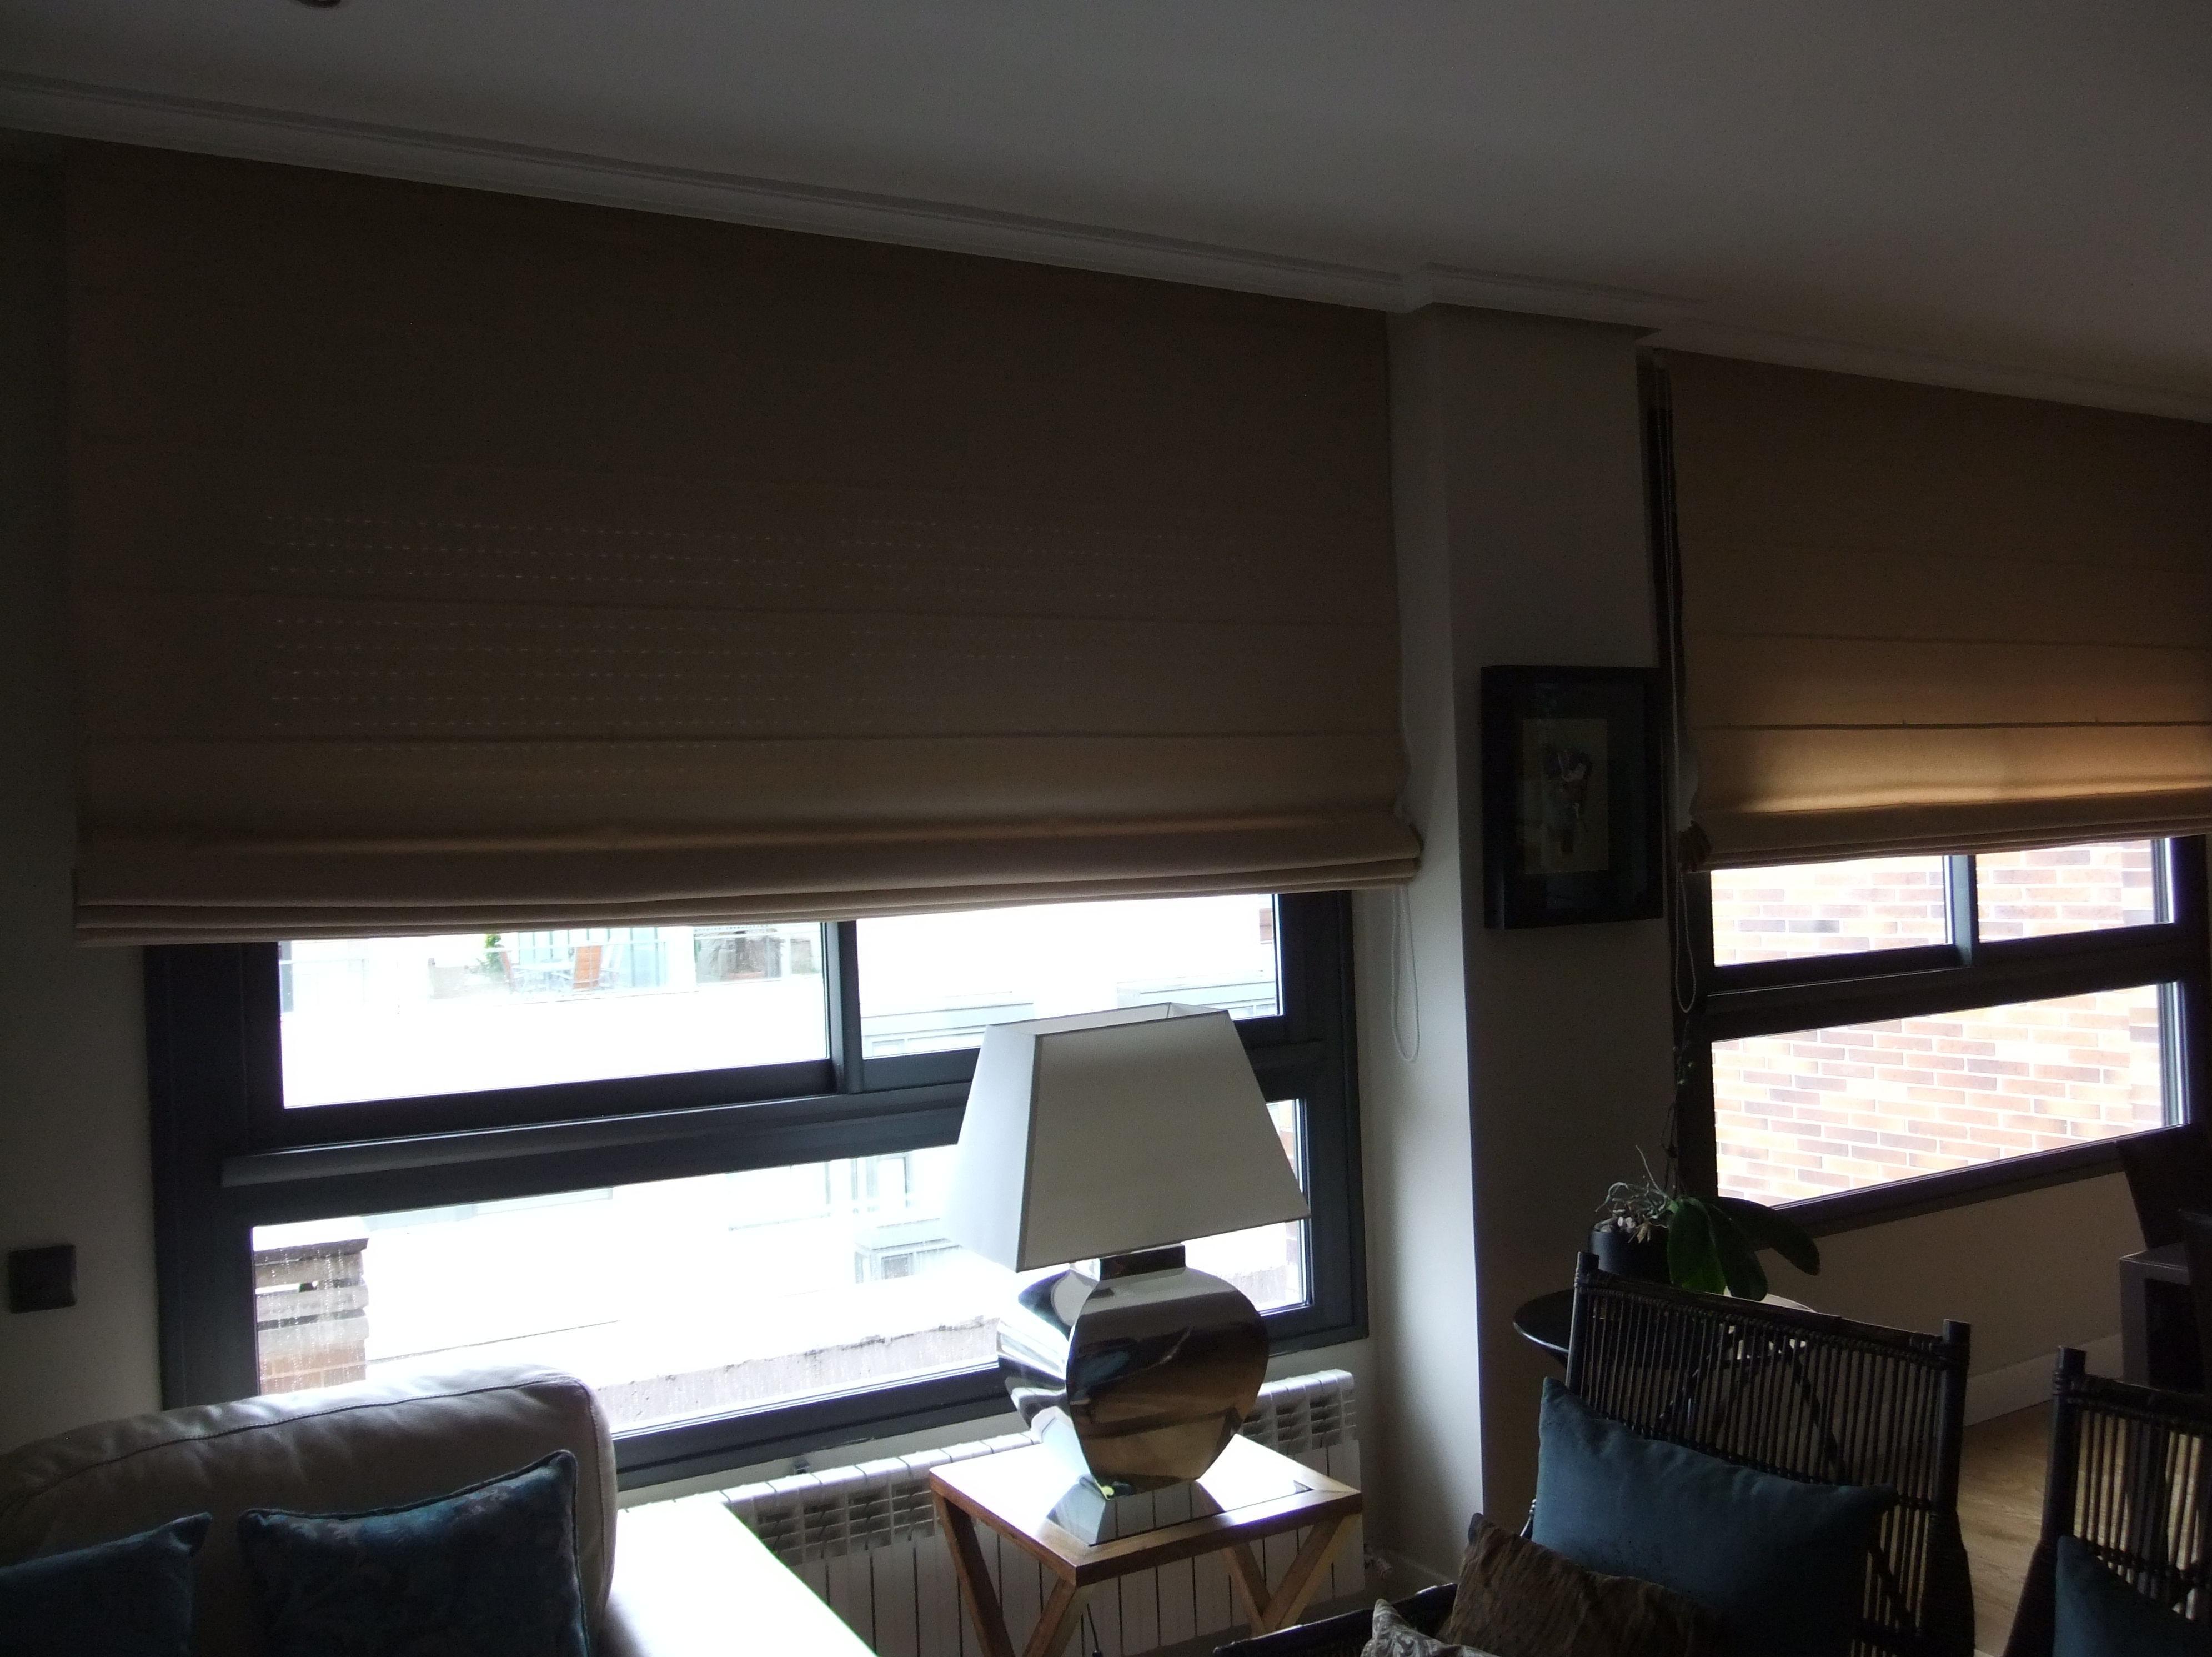 Estores persianas venecianas y cortina de lama vertical - Persianas y estores ...